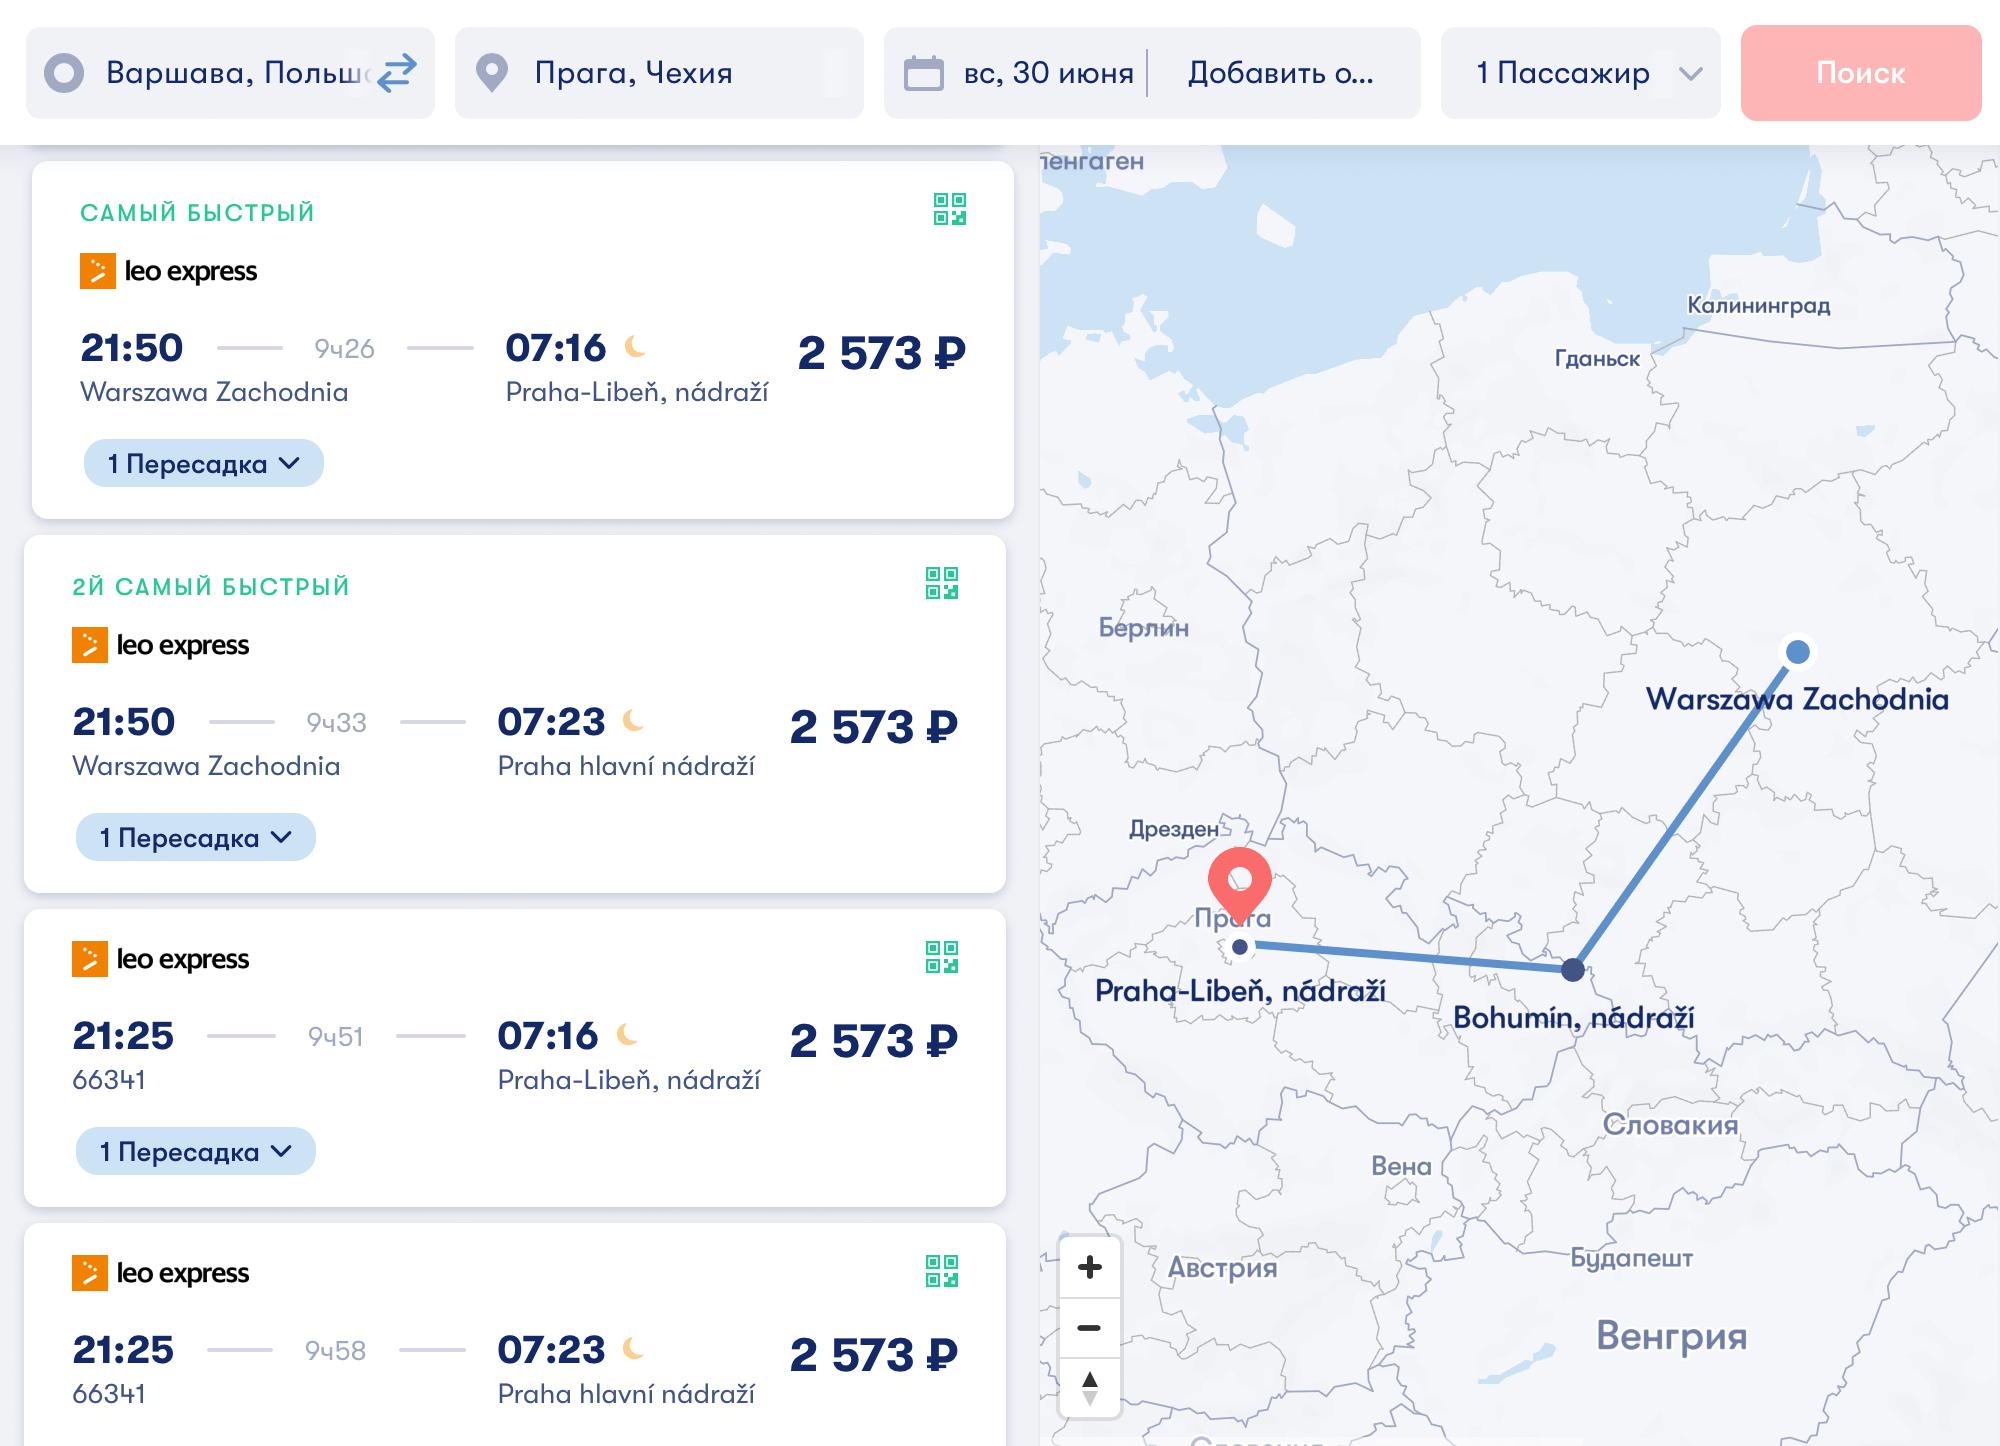 Билет на автобус из Варшавы в Прагу на Omio стоит 2573<span class=ruble>Р</span>